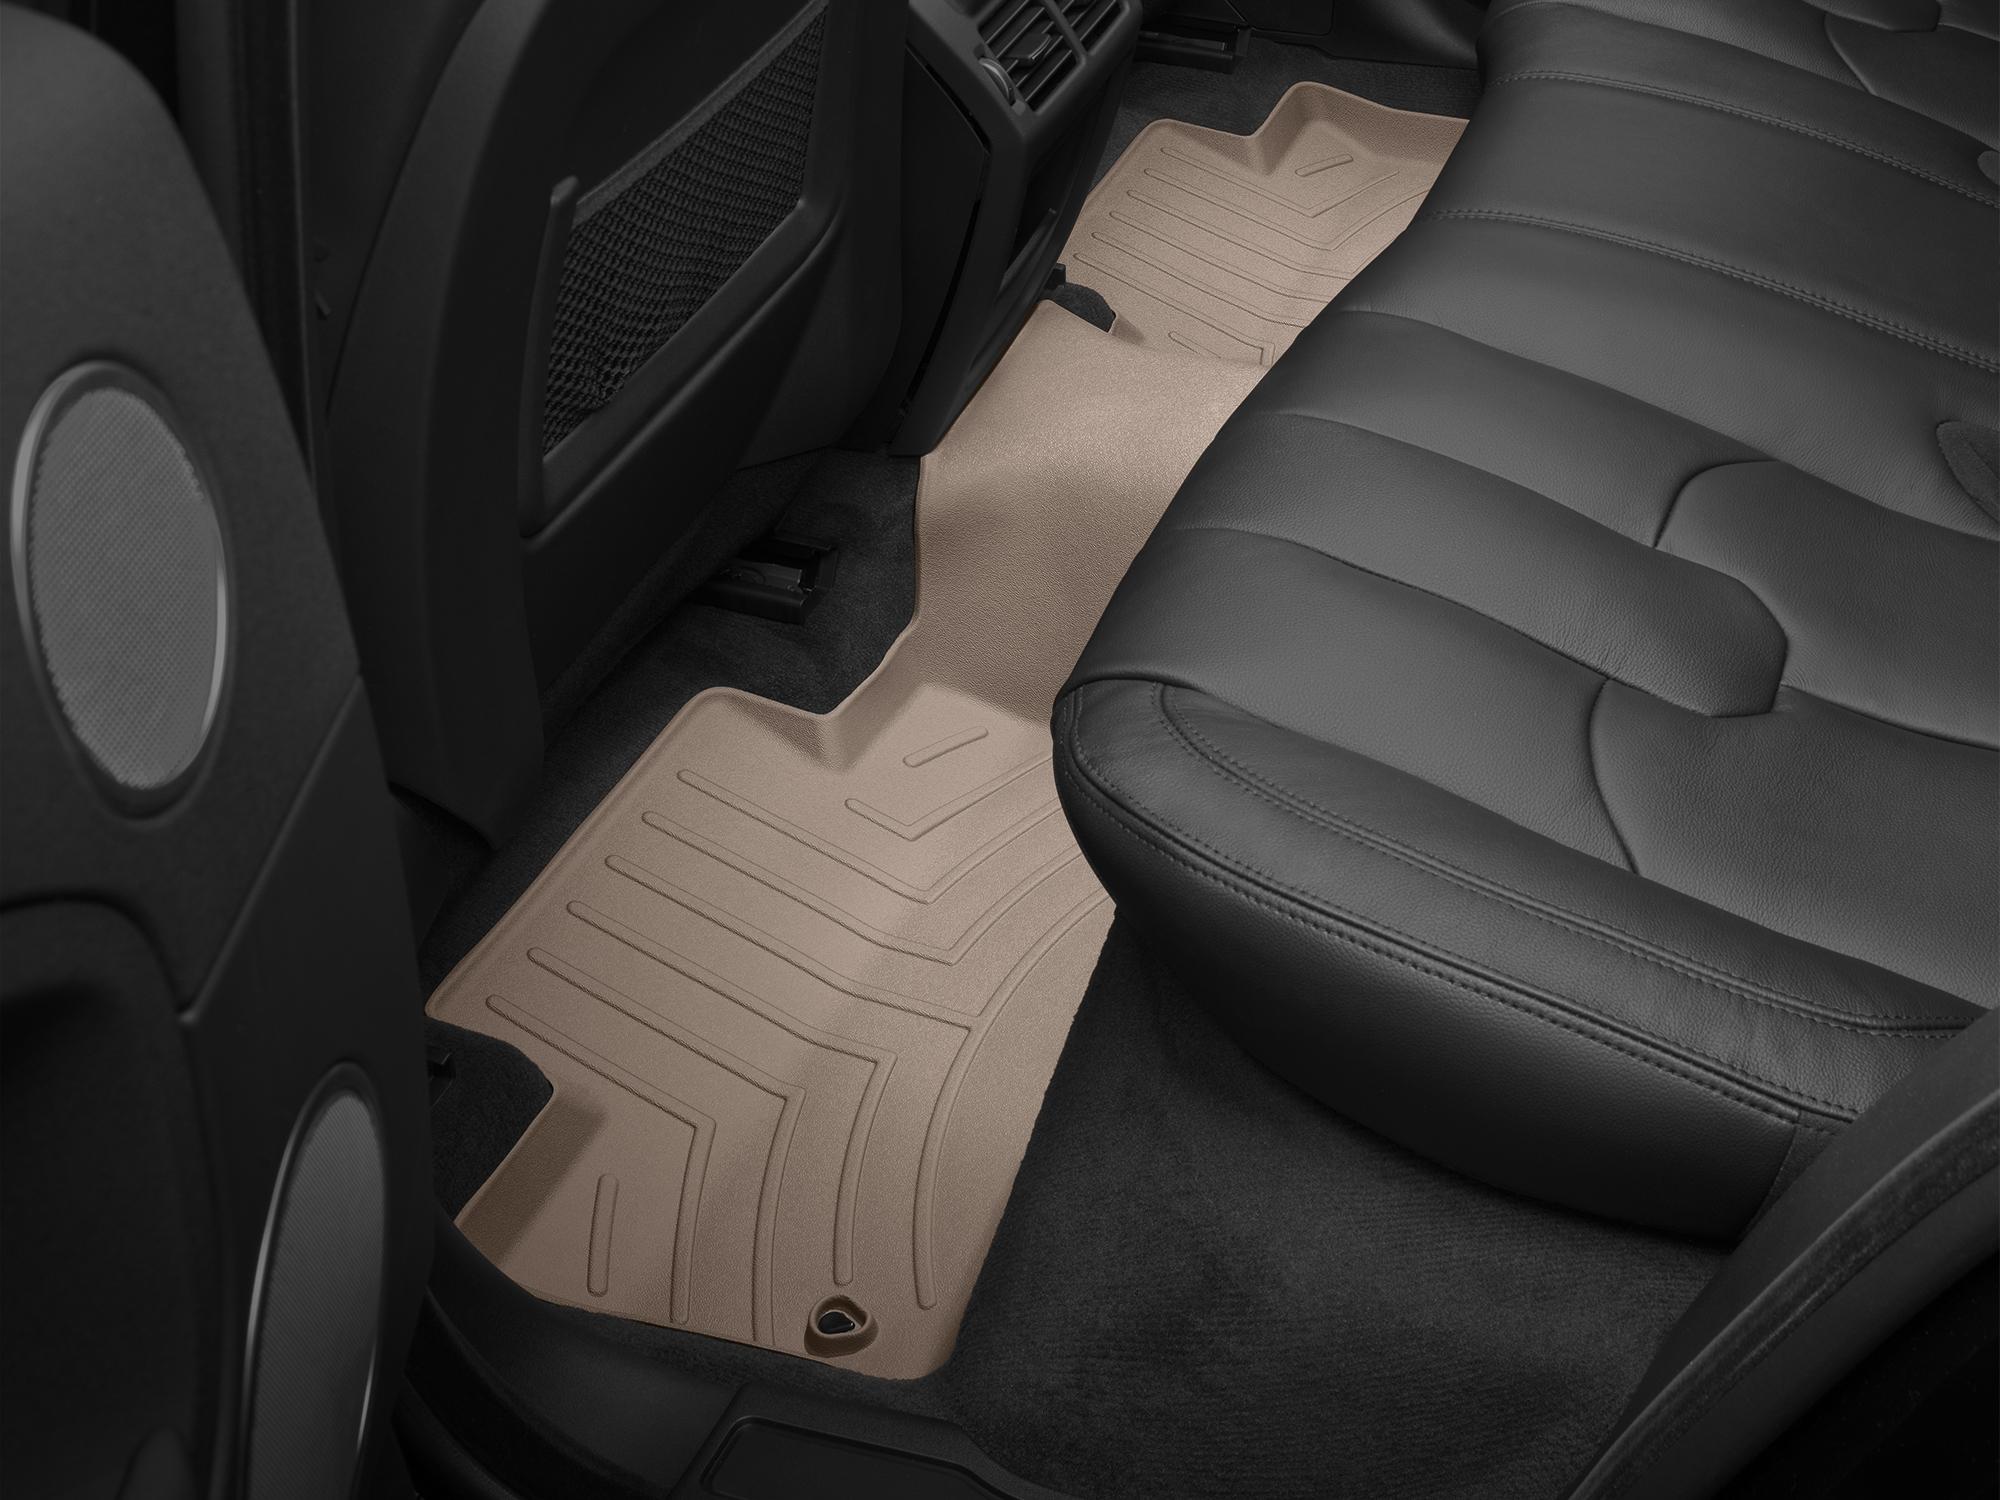 Tappeti gomma su misura bordo alto Land Rover 16>17 Marrone A2008*